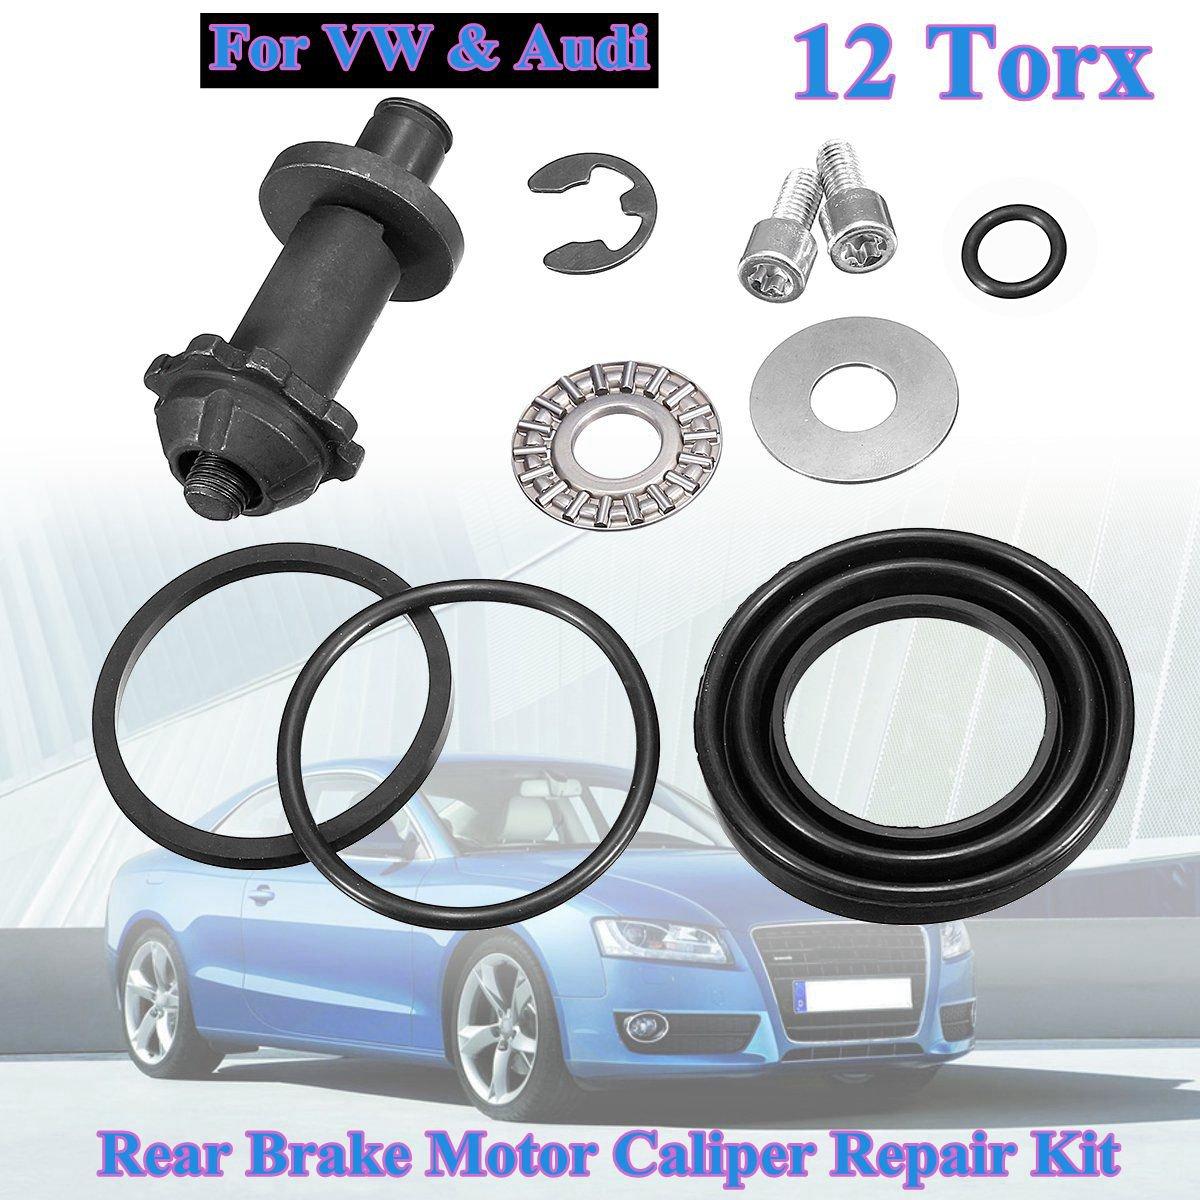 12 Torx dentes Pin kit de reparação de motor Traseiro pinça de Freio Motor Q3 B6 B7 Eletrônico para VW Passat CC Tiguan a4 S4 A5 S5 A6